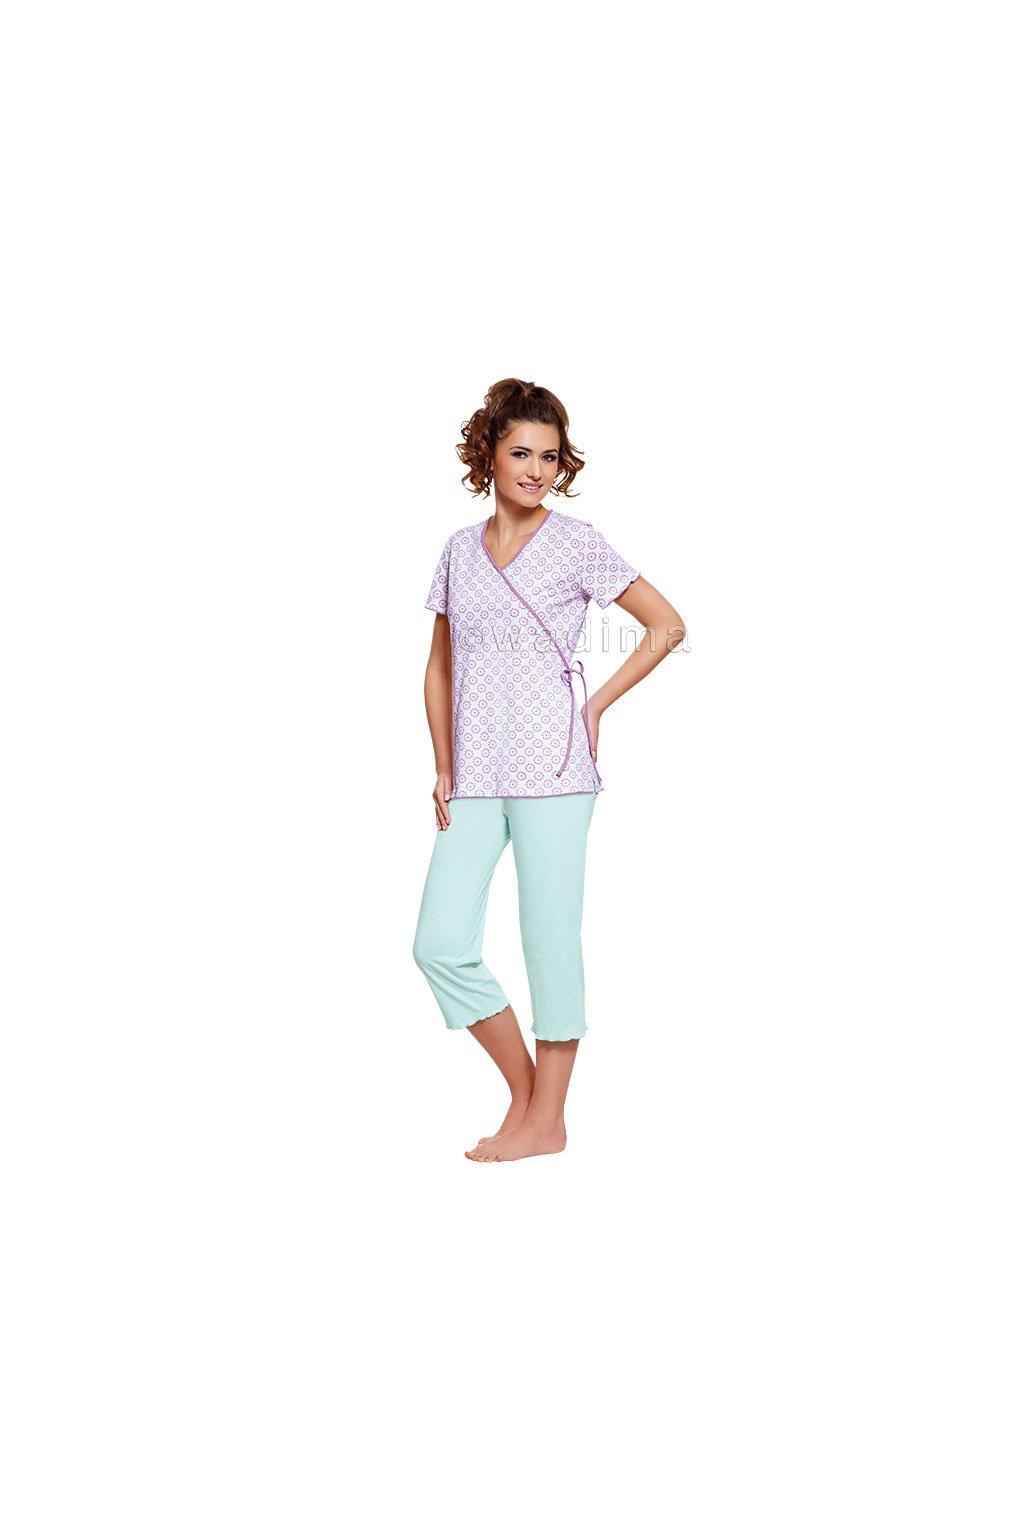 Dámské pyžamo s krátkým rukávem a 3/4 nohavicemi, 104269 760, bílá/mátová